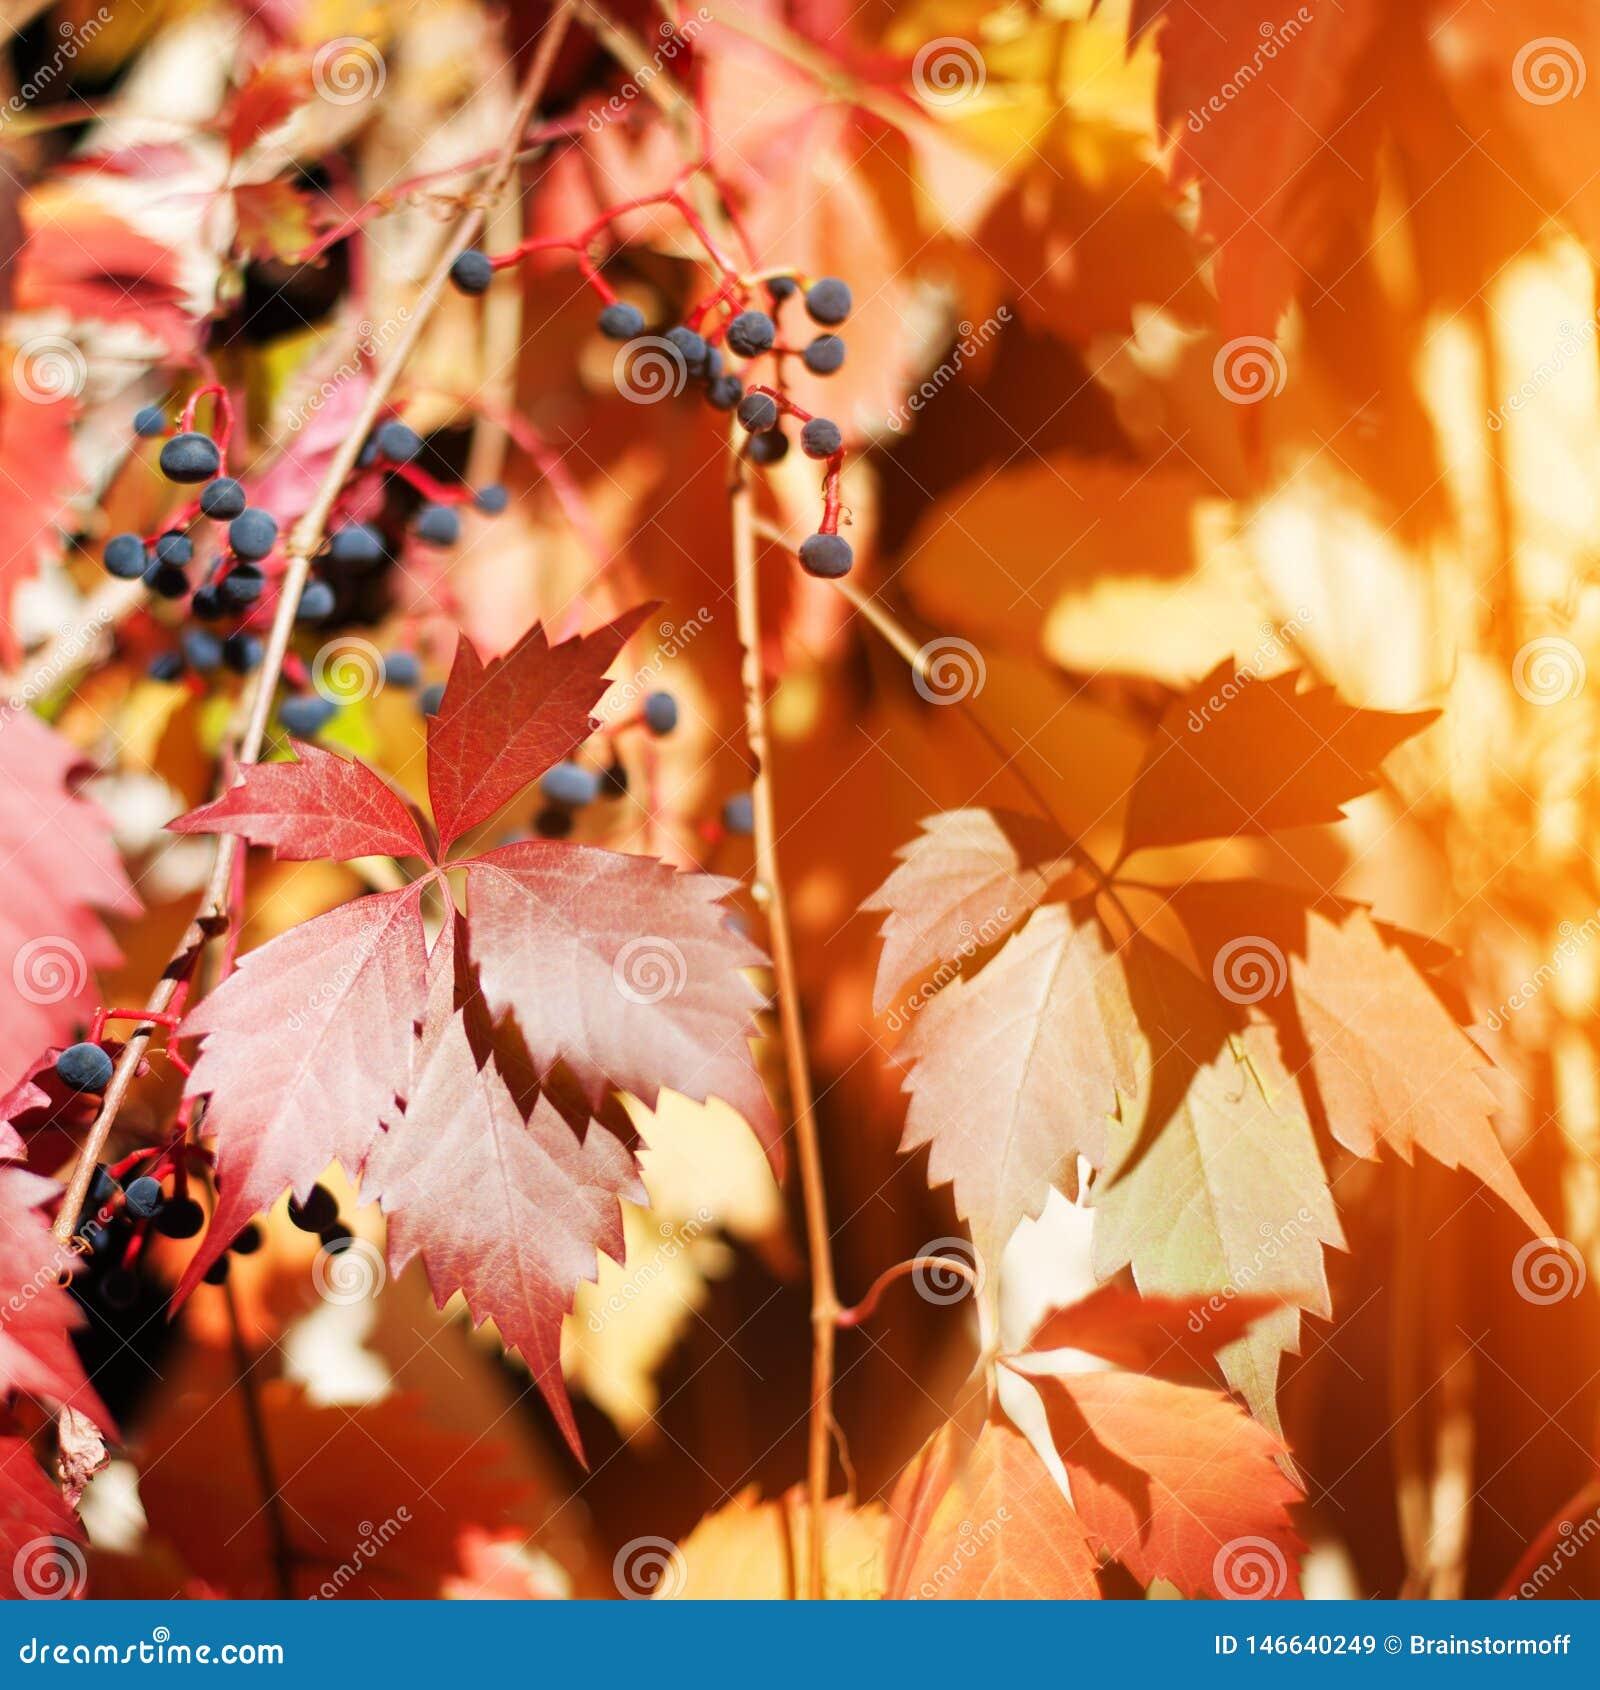 Τα φωτεινά κόκκινα και κίτρινα φύλλα σταφυλιών στον άσπρο ξύλινο φράκτη πλέγματος δικτυωτού πλέγματος, χρυσό φύλλωμα φυτών ορειβα